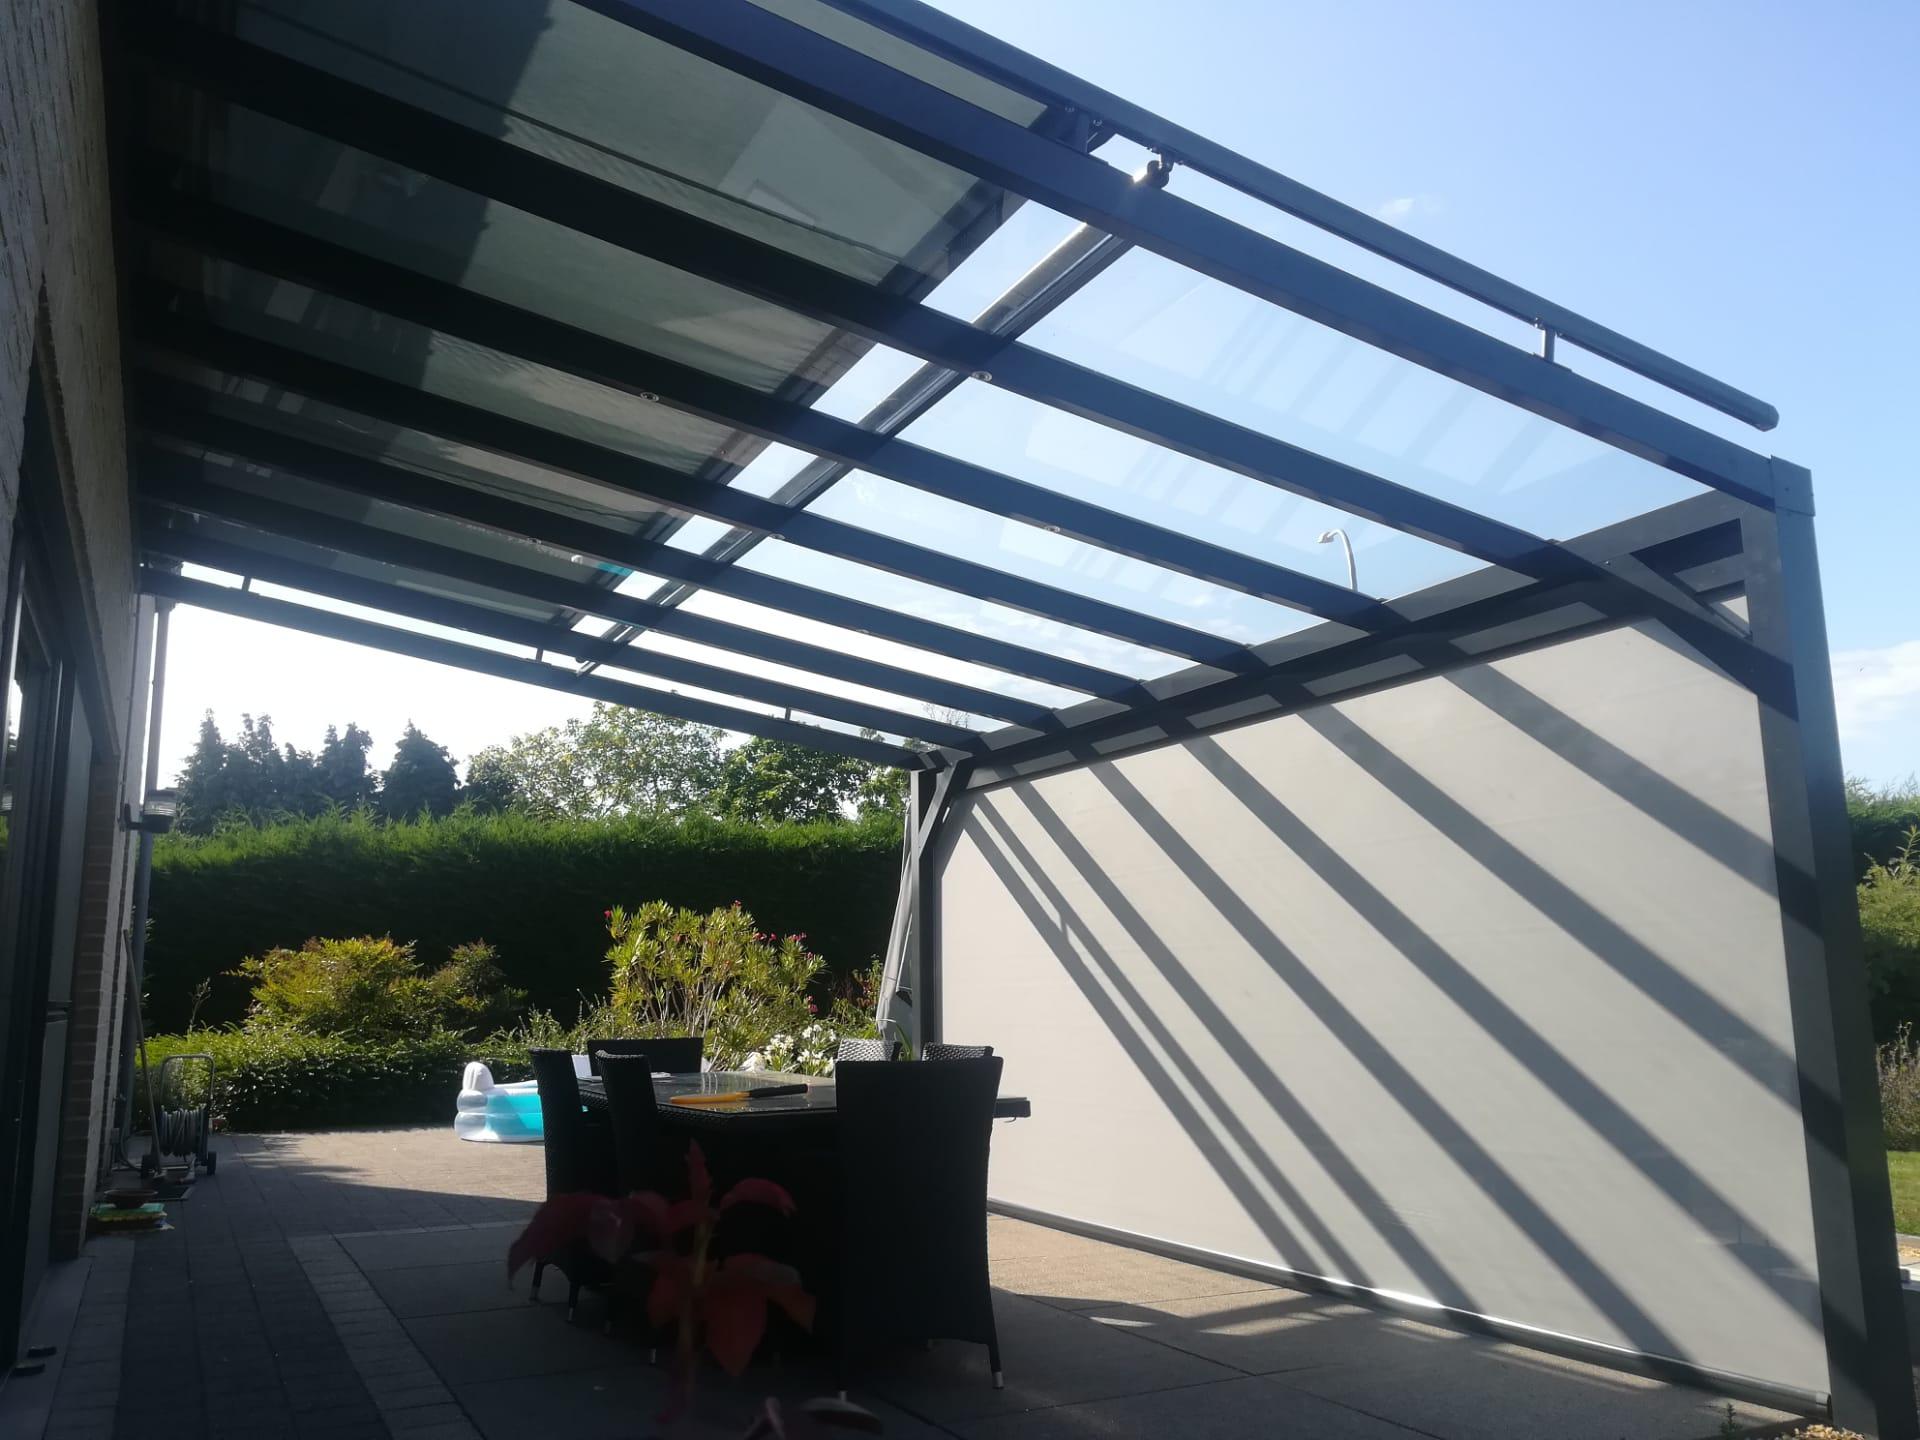 Dakconstructie / Overkapping met dakdekking in glas, gecombineerd met dakscherm en screen